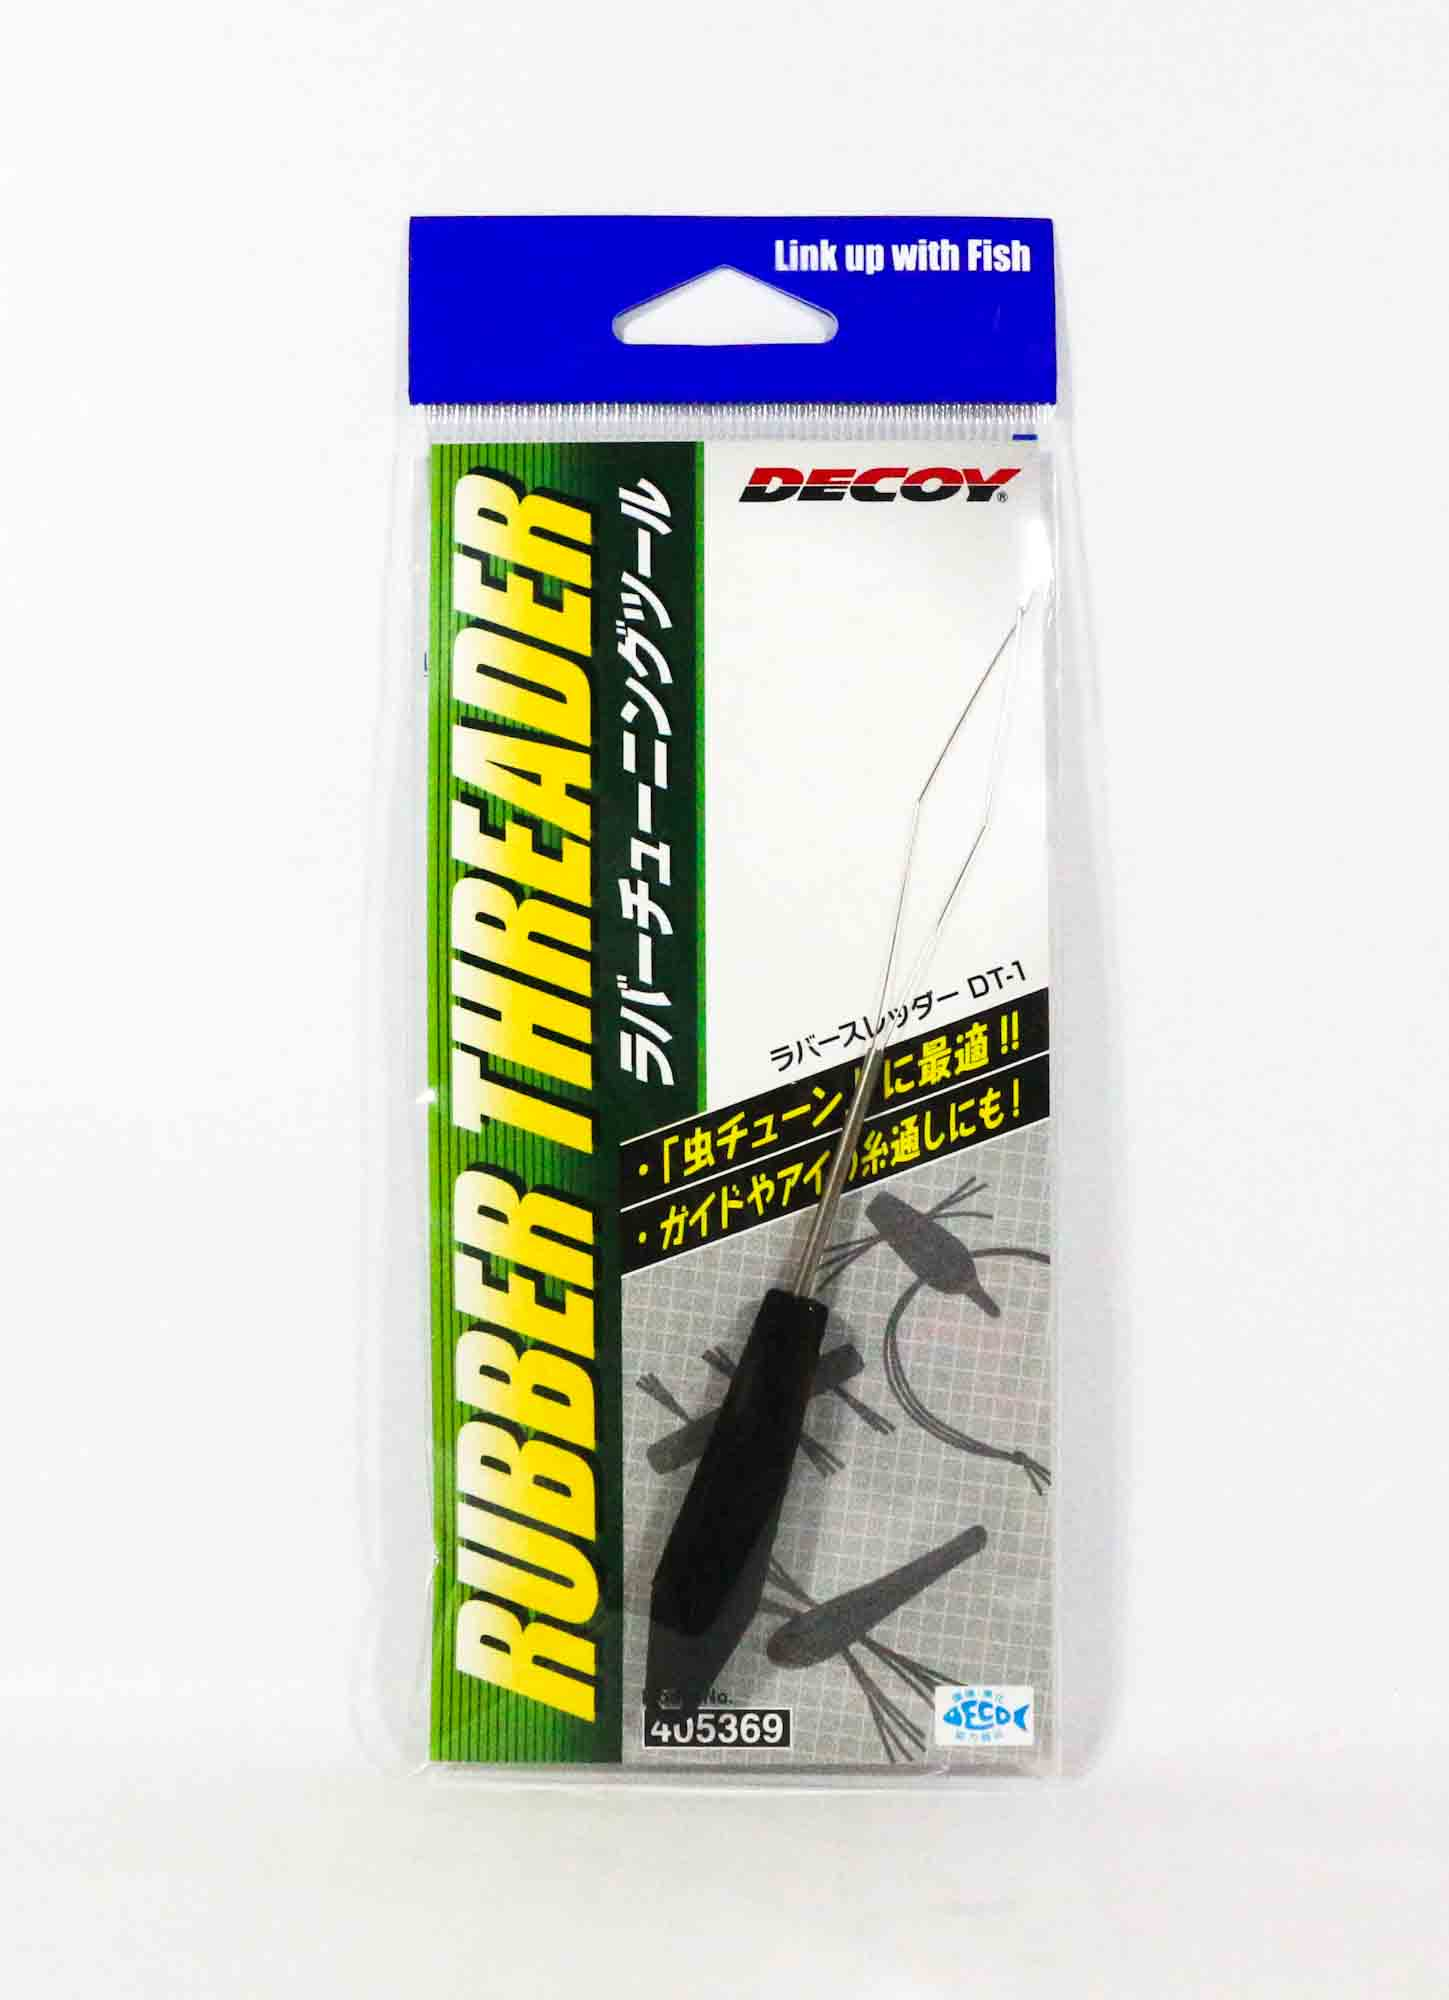 Decoy DT-1 Rubber Threader (5369)